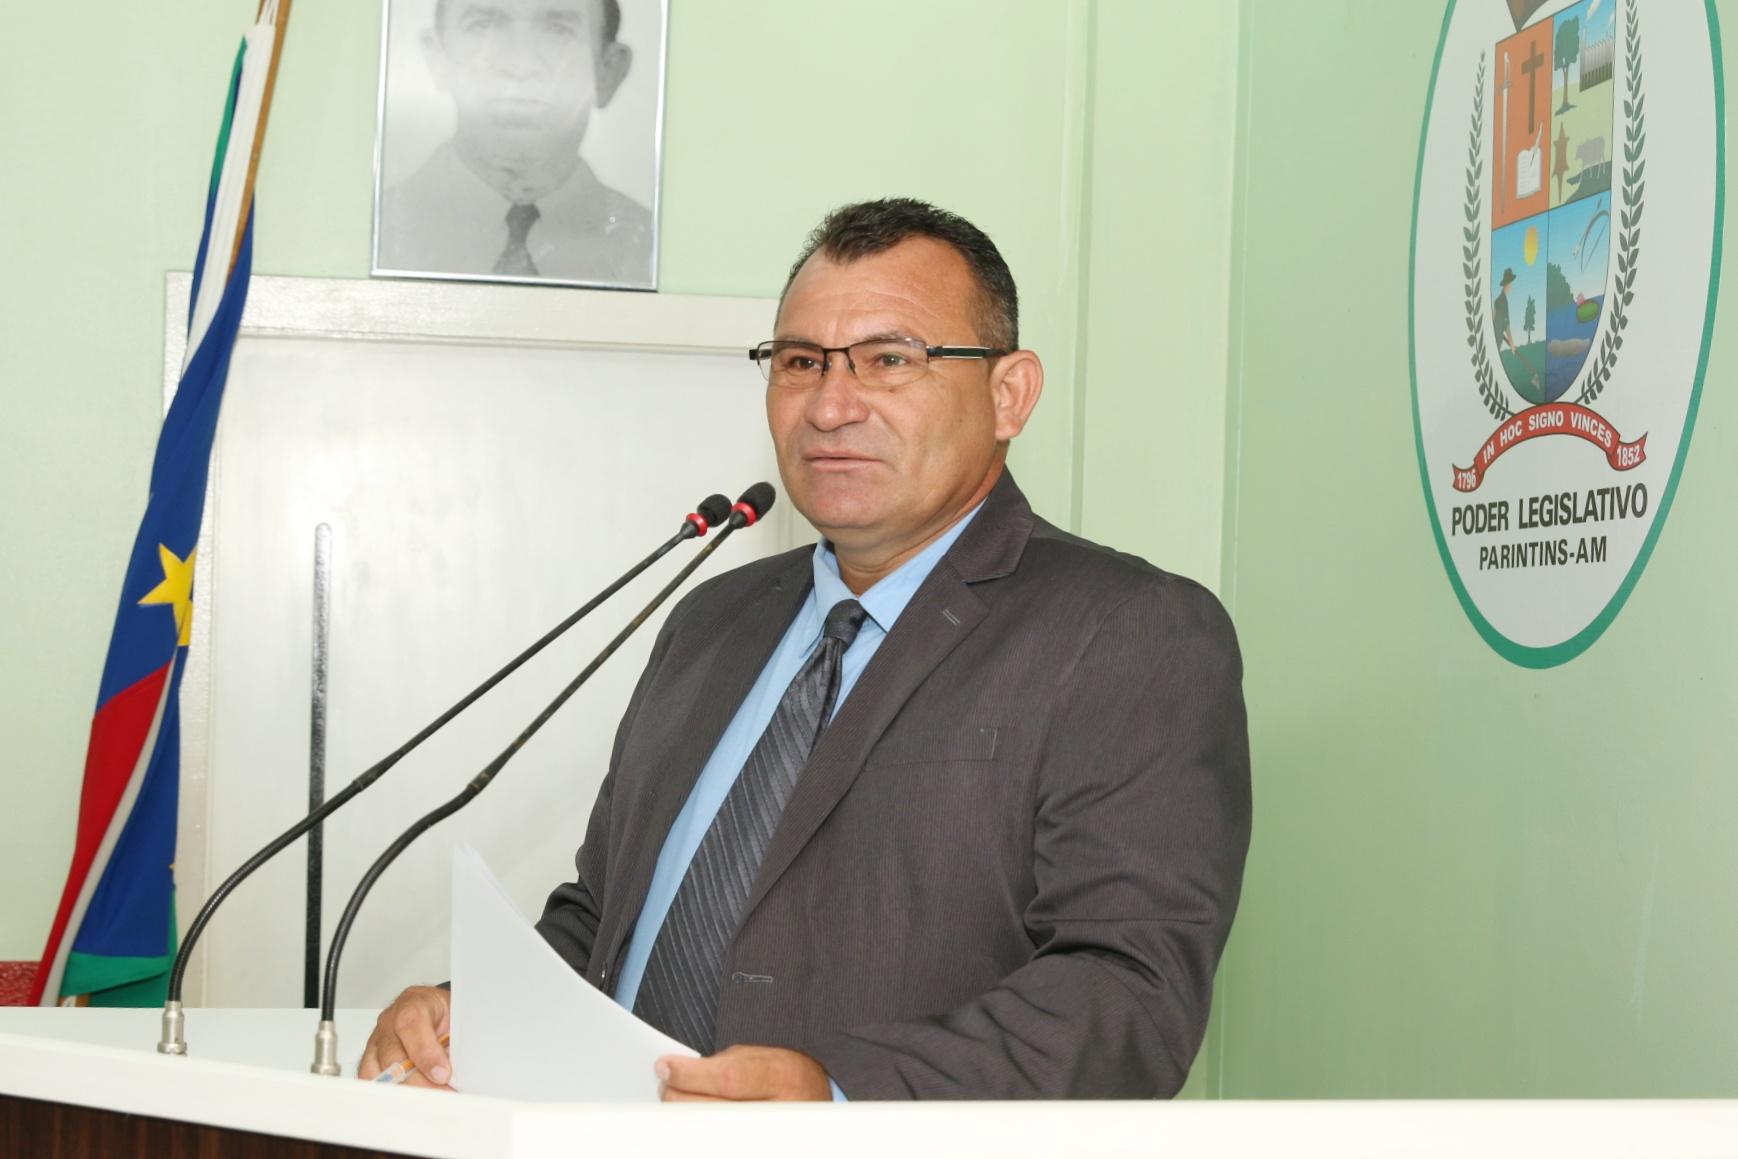 Vereador Afonso evidencia consenso da Comissão de Revisão Estatuto do Servidor Público Municipal